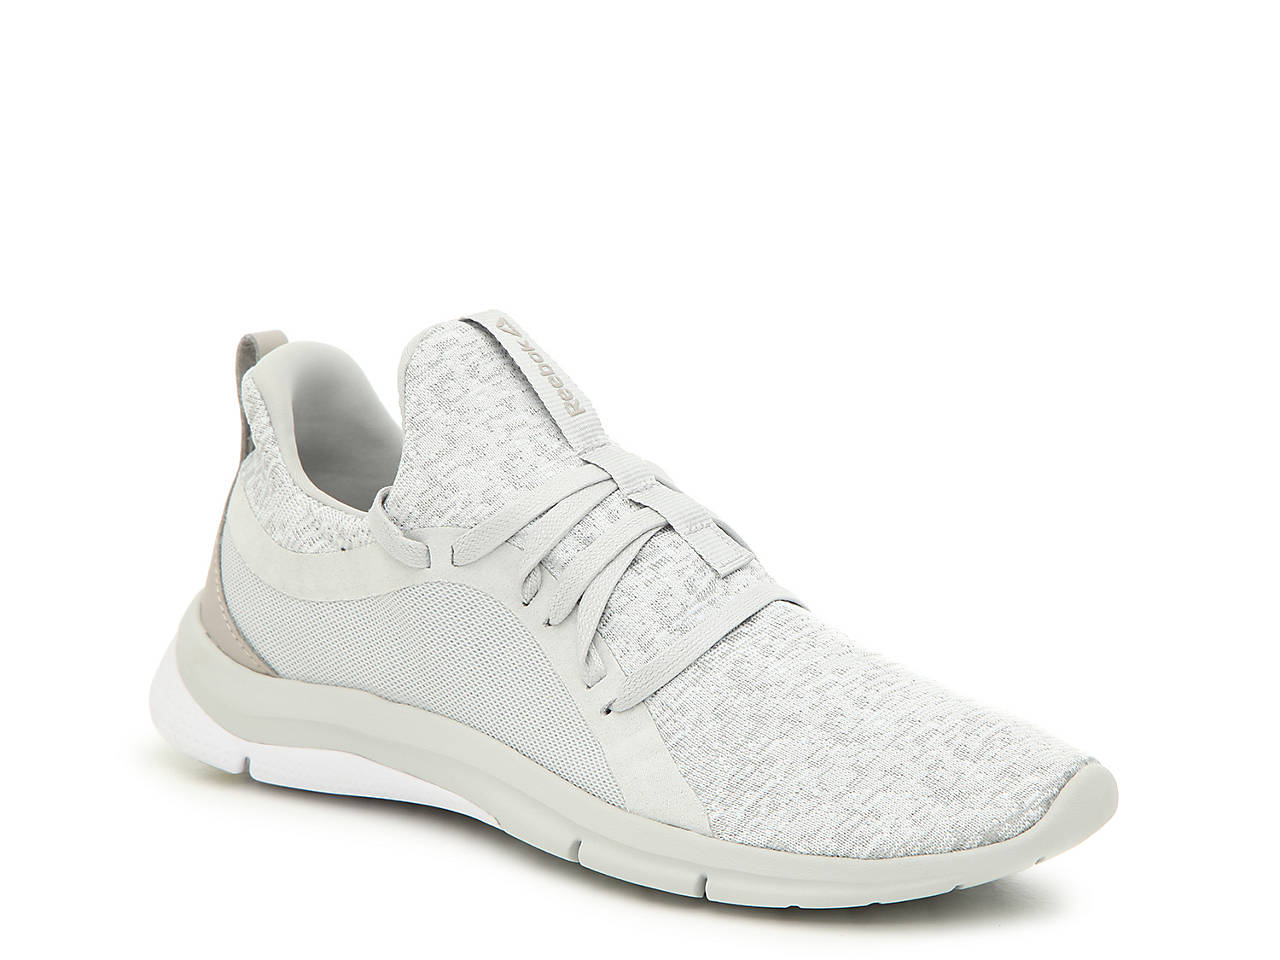 f57367a82bbc Reebok Z Print Her 3.0 Running Shoe - Women s Women s Shoes